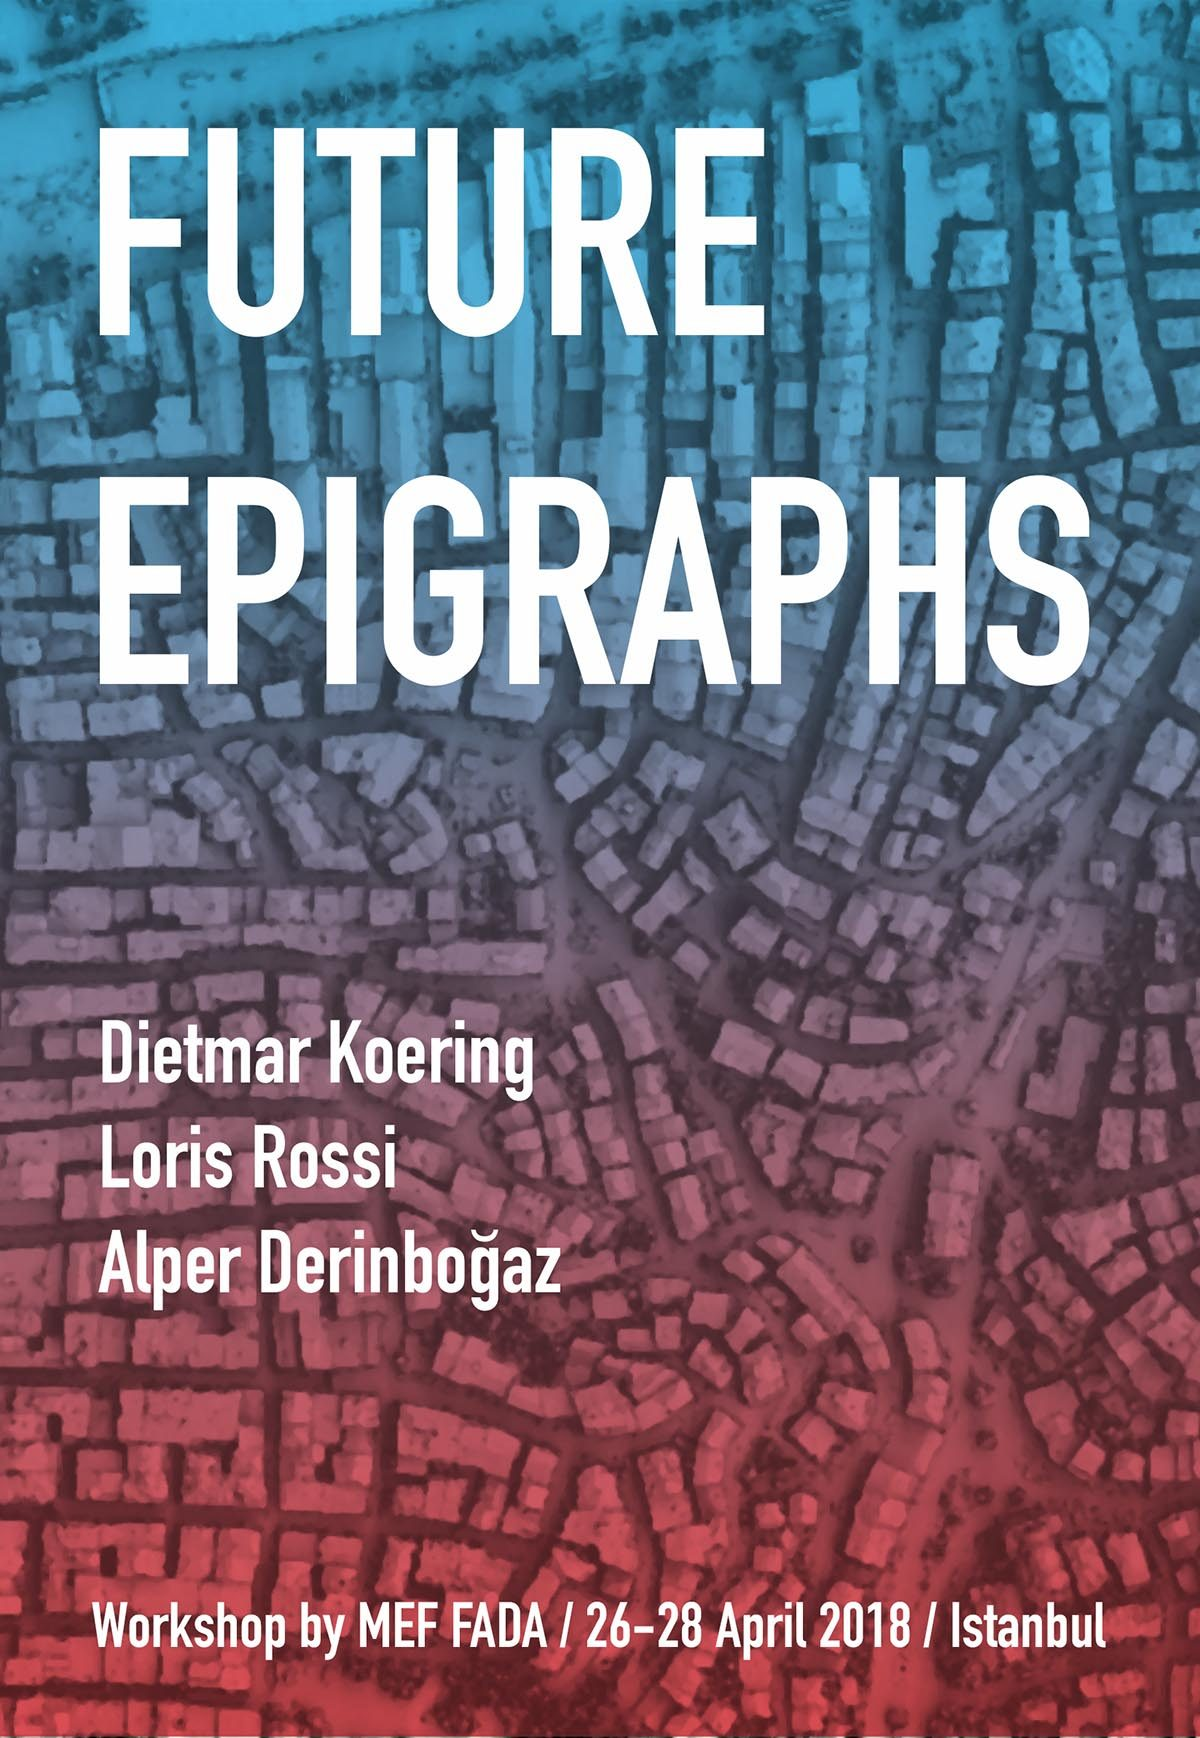 Future Epigraphs